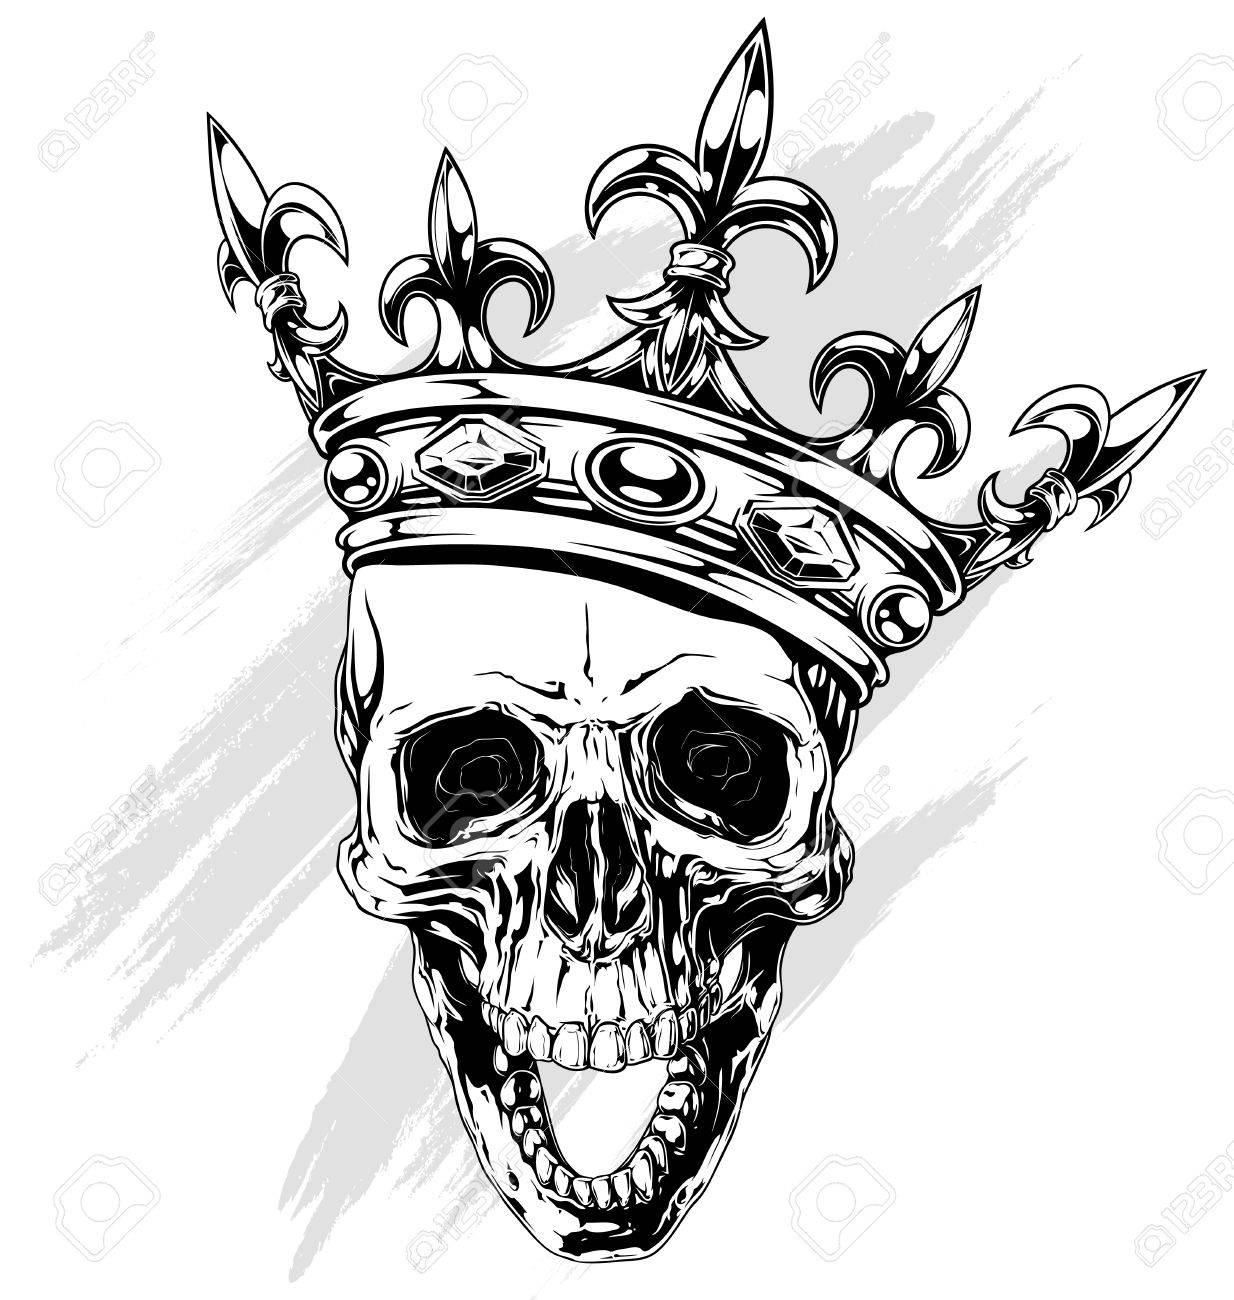 Graphic Schwarz-weiß Menschlichen Schädel Mit Königlichen Lilie ...